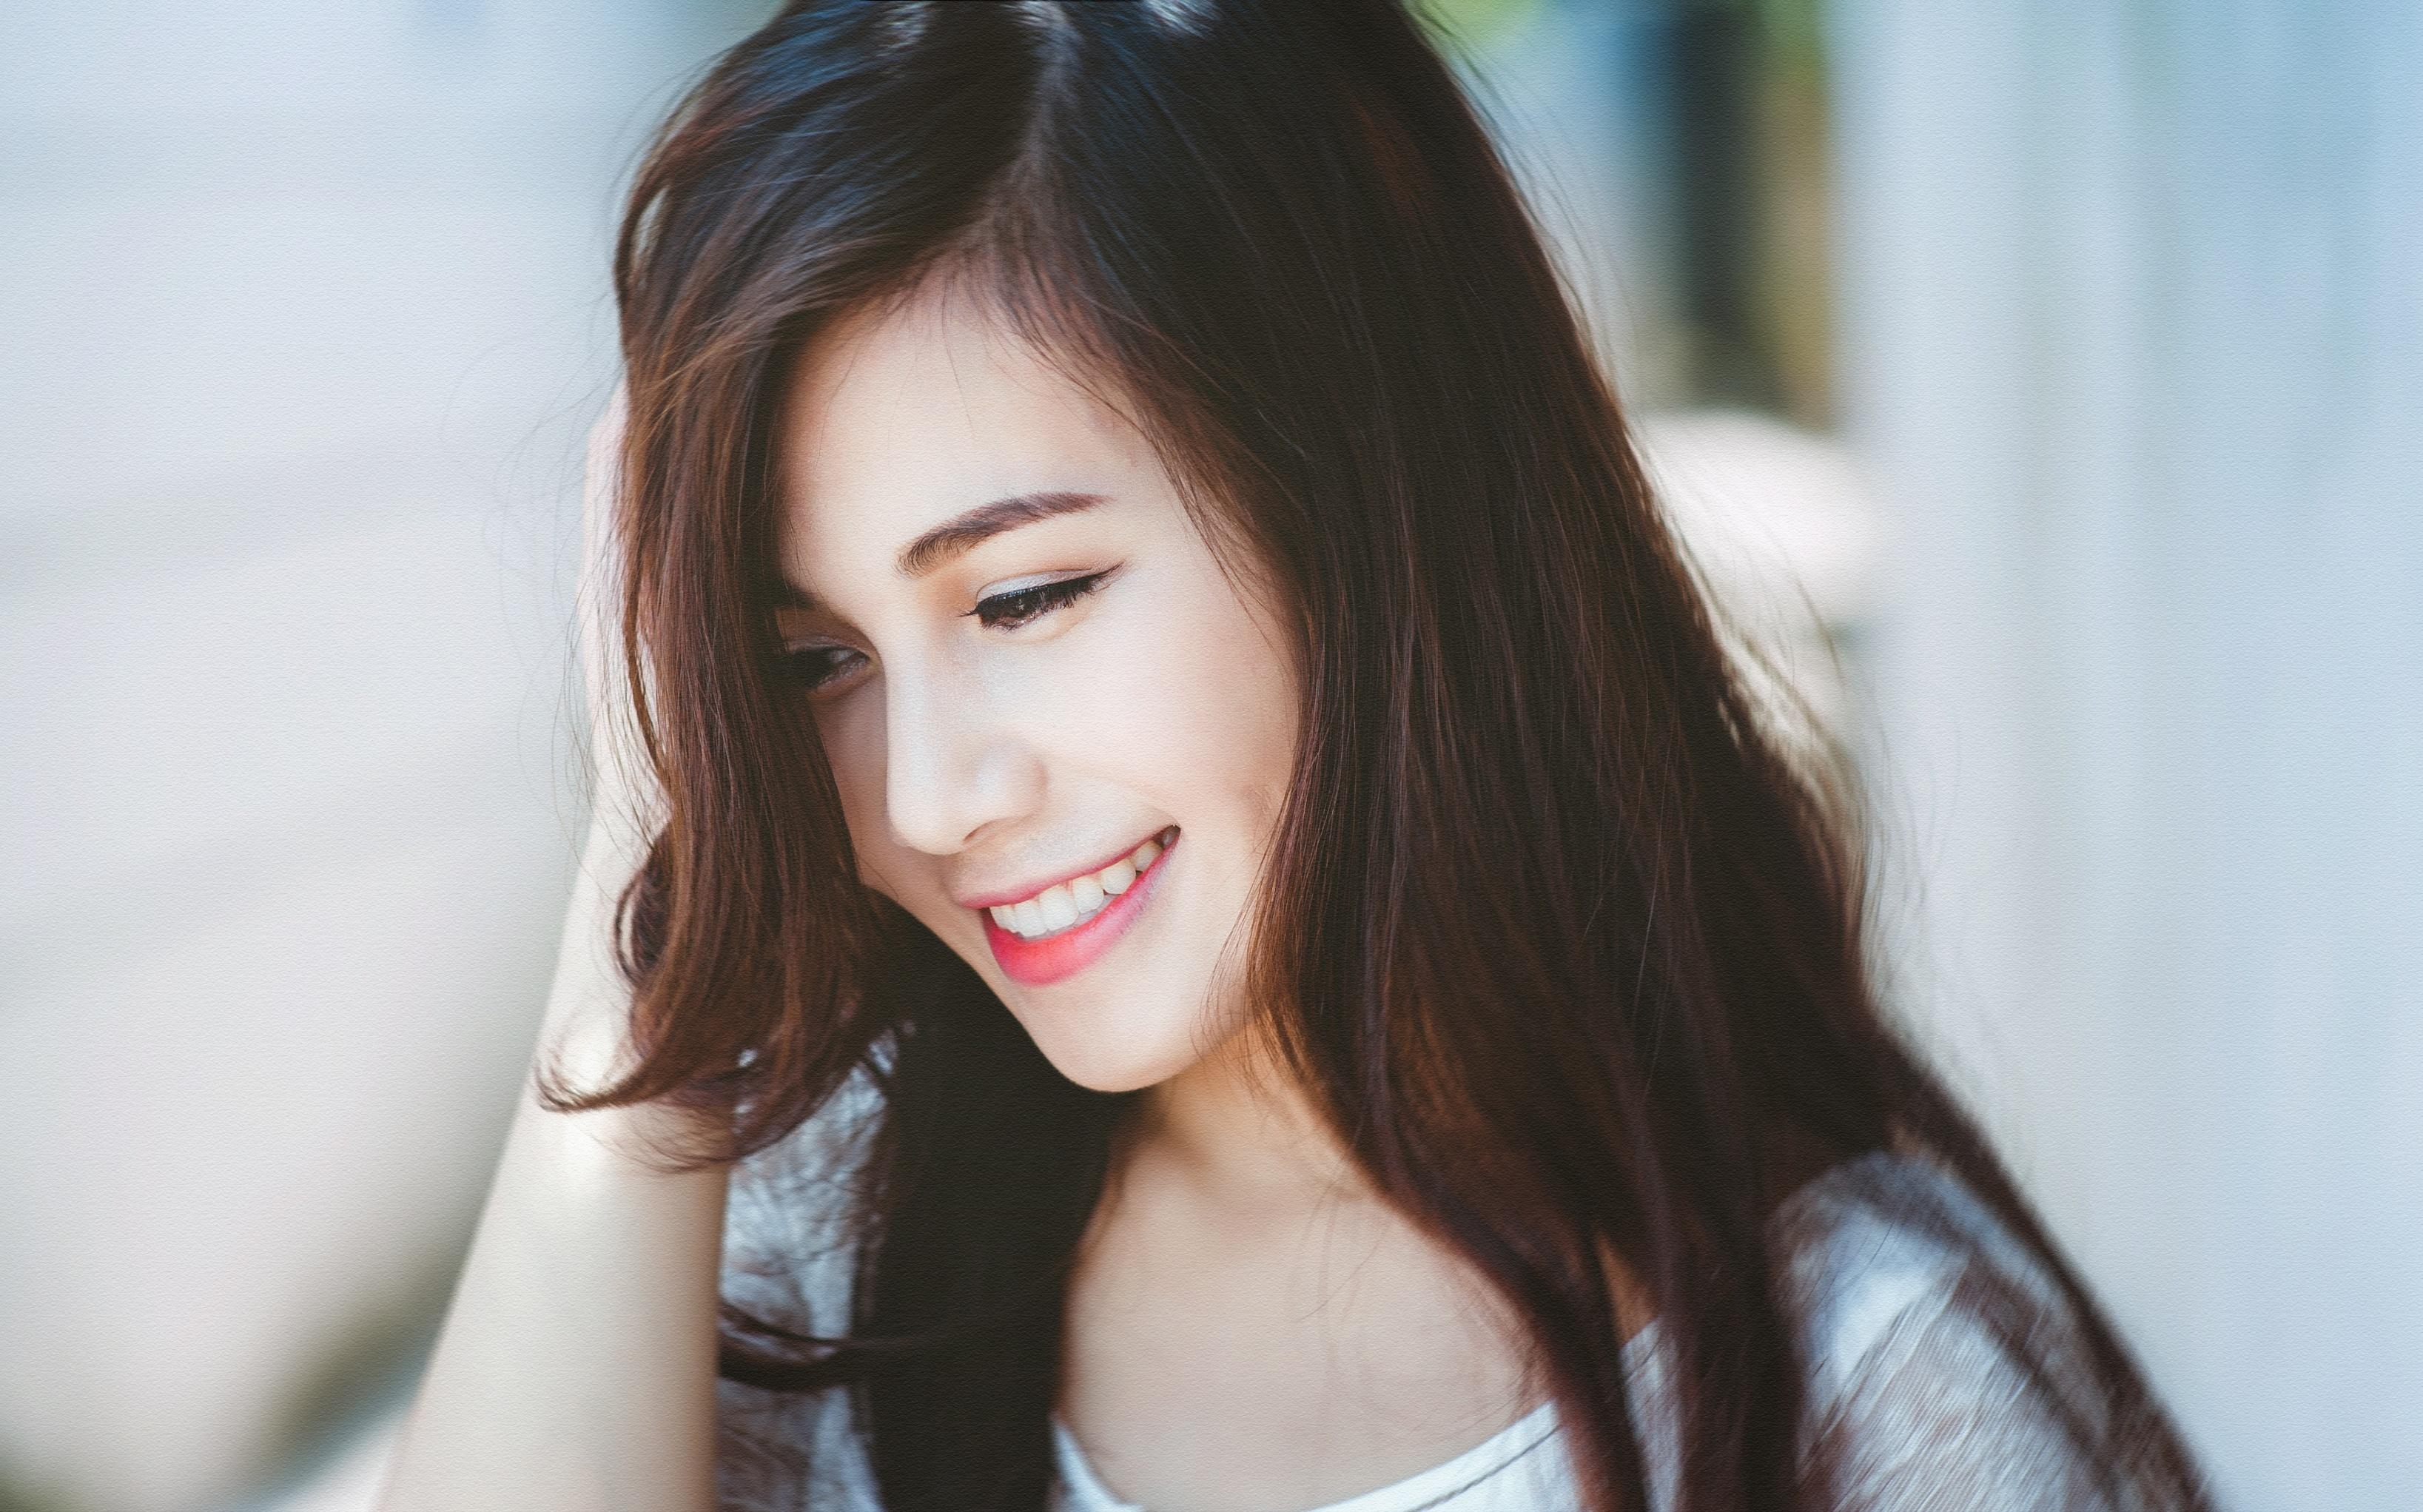 魅力的な女性になりたい!魅力的な女性になるためのポイント6つ